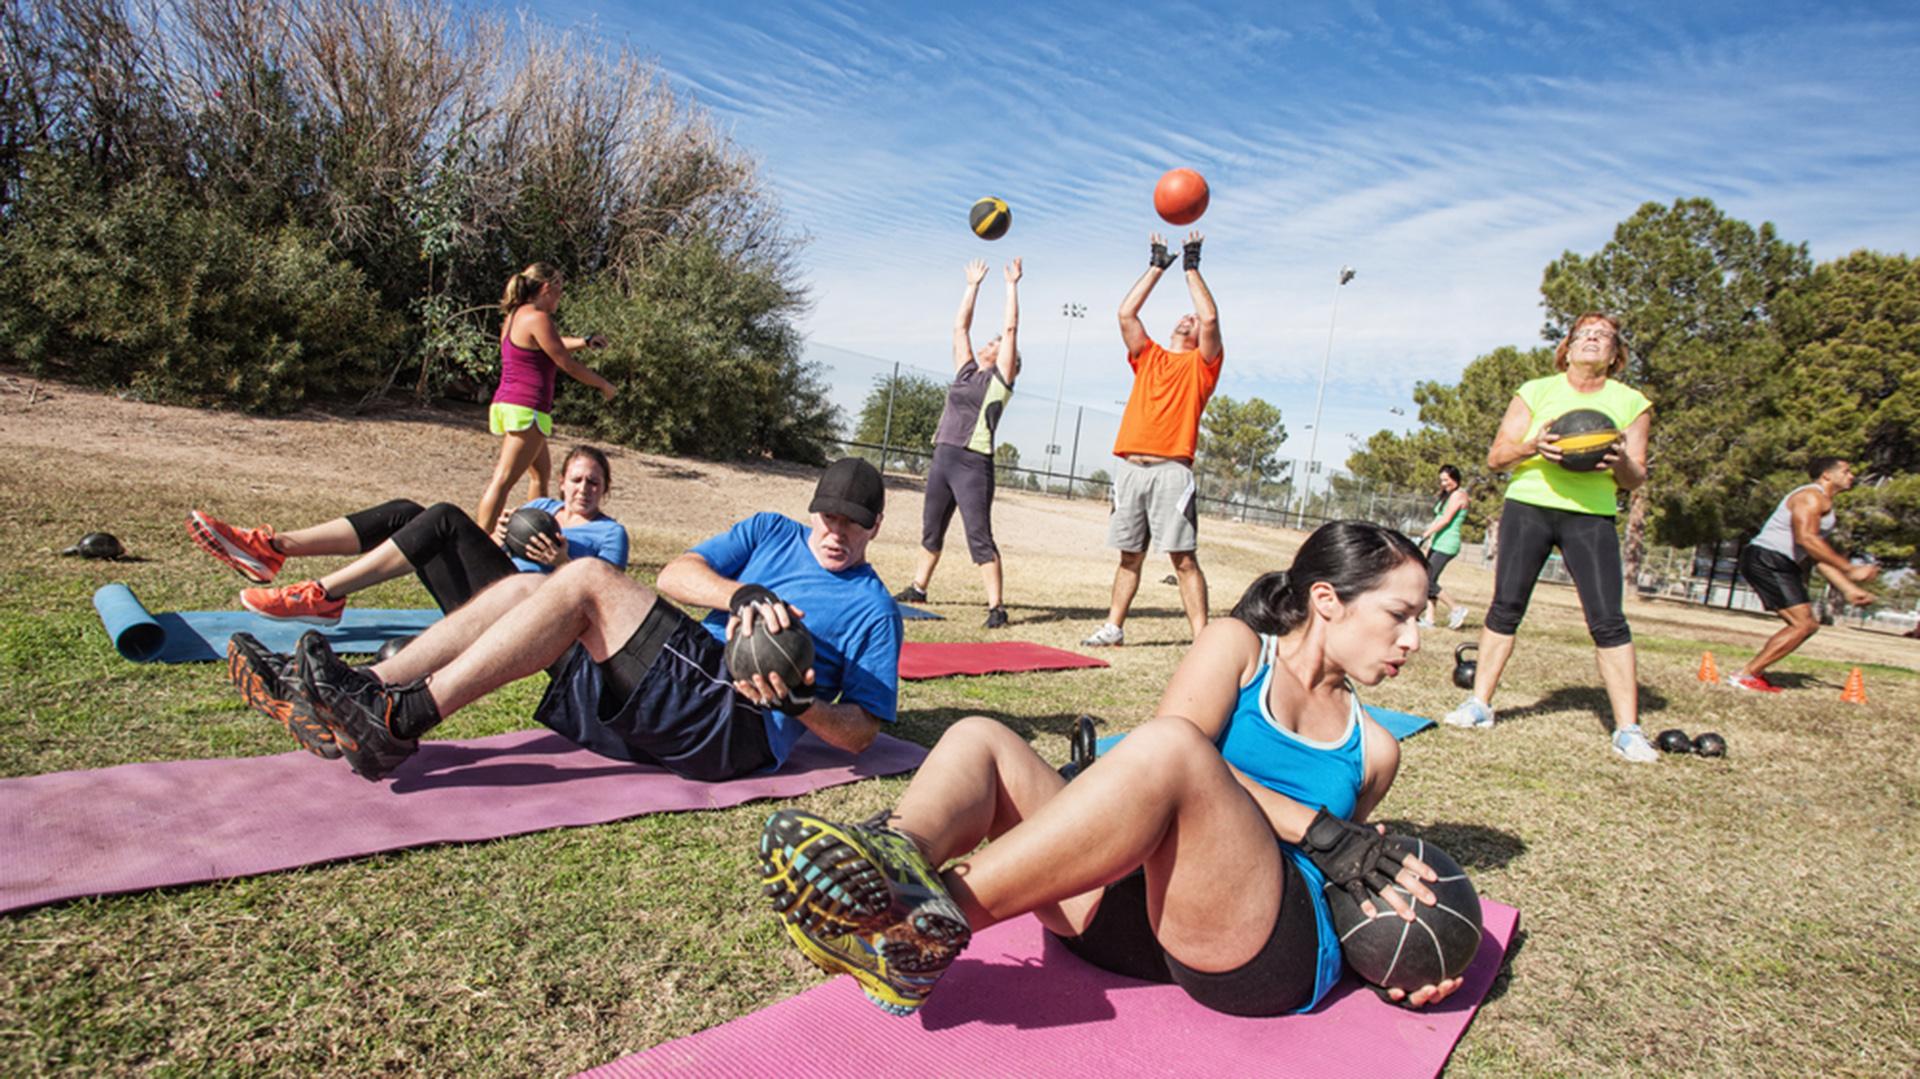 Los espacios públicos porteños funcionan como un gimnasio al aire libre